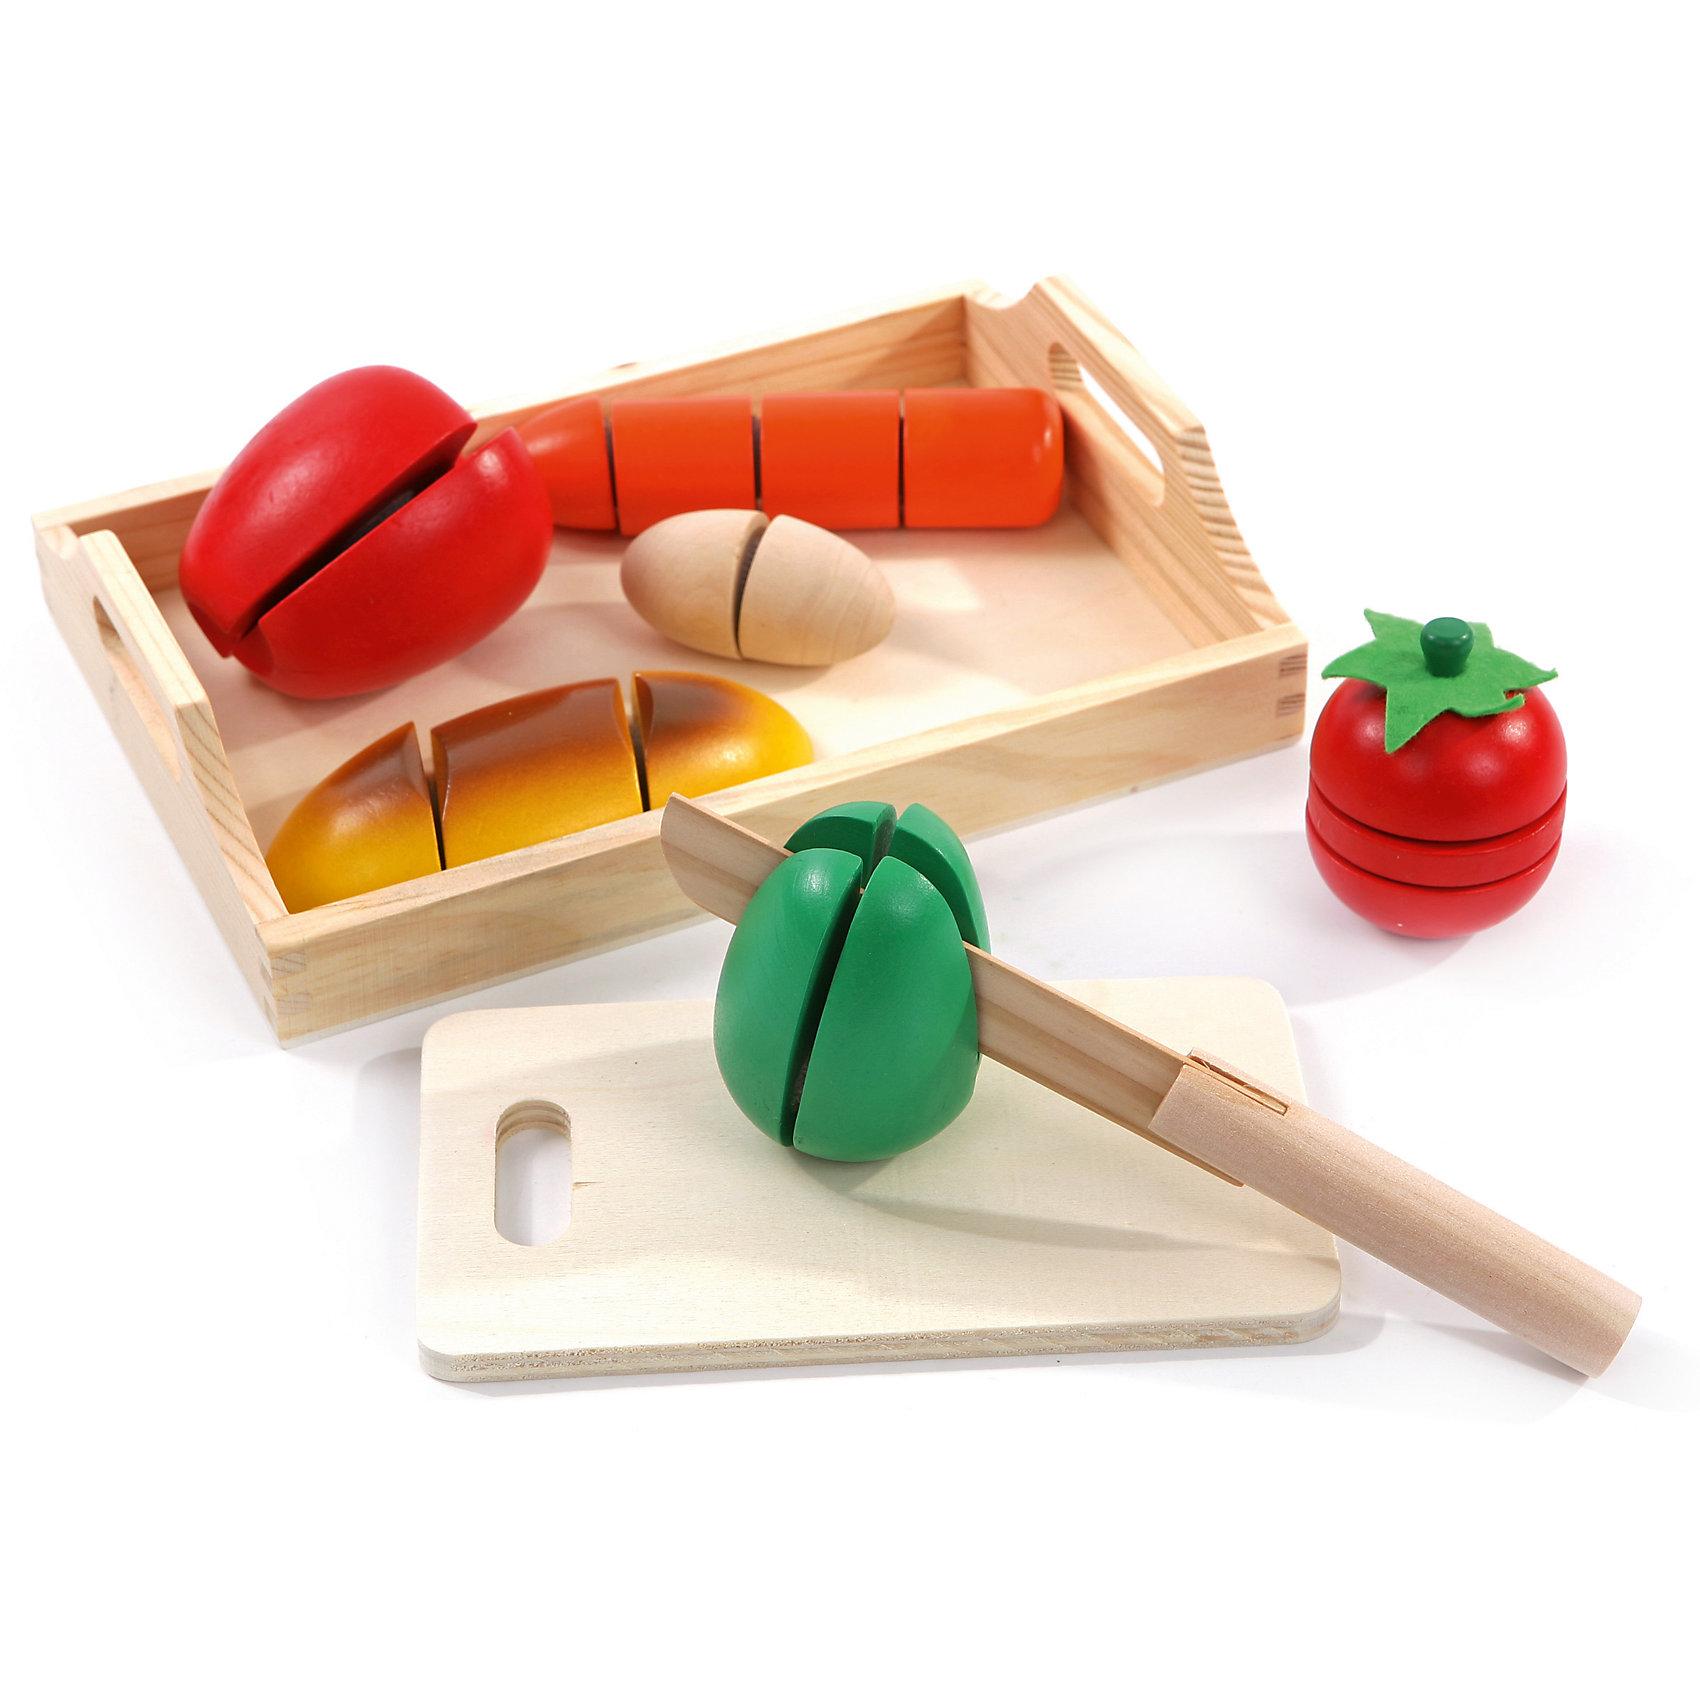 Игровой набор средний Готовим завтрак, Мир деревянных игрушекДети спешат узнавать мир, и делать это приятнее, играя! Развивающие игрушки помогают малышу быстрее освоить нужные навыки: они развивают мелкую моторику, цветовосприятие, умение логически размышлять, внимание, способность распознавать разные геометрические формы и многое другое.<br>Эта игрушка в виде набора продуктов сделана из натурального дерева, отлично обработанного и безопасного для малышей. Предметы состоят из нескольких частей, соединенных лентой. Можно делать вид, что их режешь! Игра с таким набором может надолго занять ребенка!<br><br>Дополнительная информация:<br><br>цвет: разноцветный;<br>материал: дерево;<br>комплектация: разделочная доска, нож,батон, морковь, яблоко, яйцо, помидор, перец;<br>размер упаковки: 24 x 6 x17 см.<br><br>Игровой набор средний Готовим завтрак от компании Мир деревянных игрушек можно купить в нашем магазине.<br><br>Ширина мм: 160<br>Глубина мм: 20<br>Высота мм: 230<br>Вес г: 845<br>Возраст от месяцев: 36<br>Возраст до месяцев: 2147483647<br>Пол: Унисекс<br>Возраст: Детский<br>SKU: 4976688